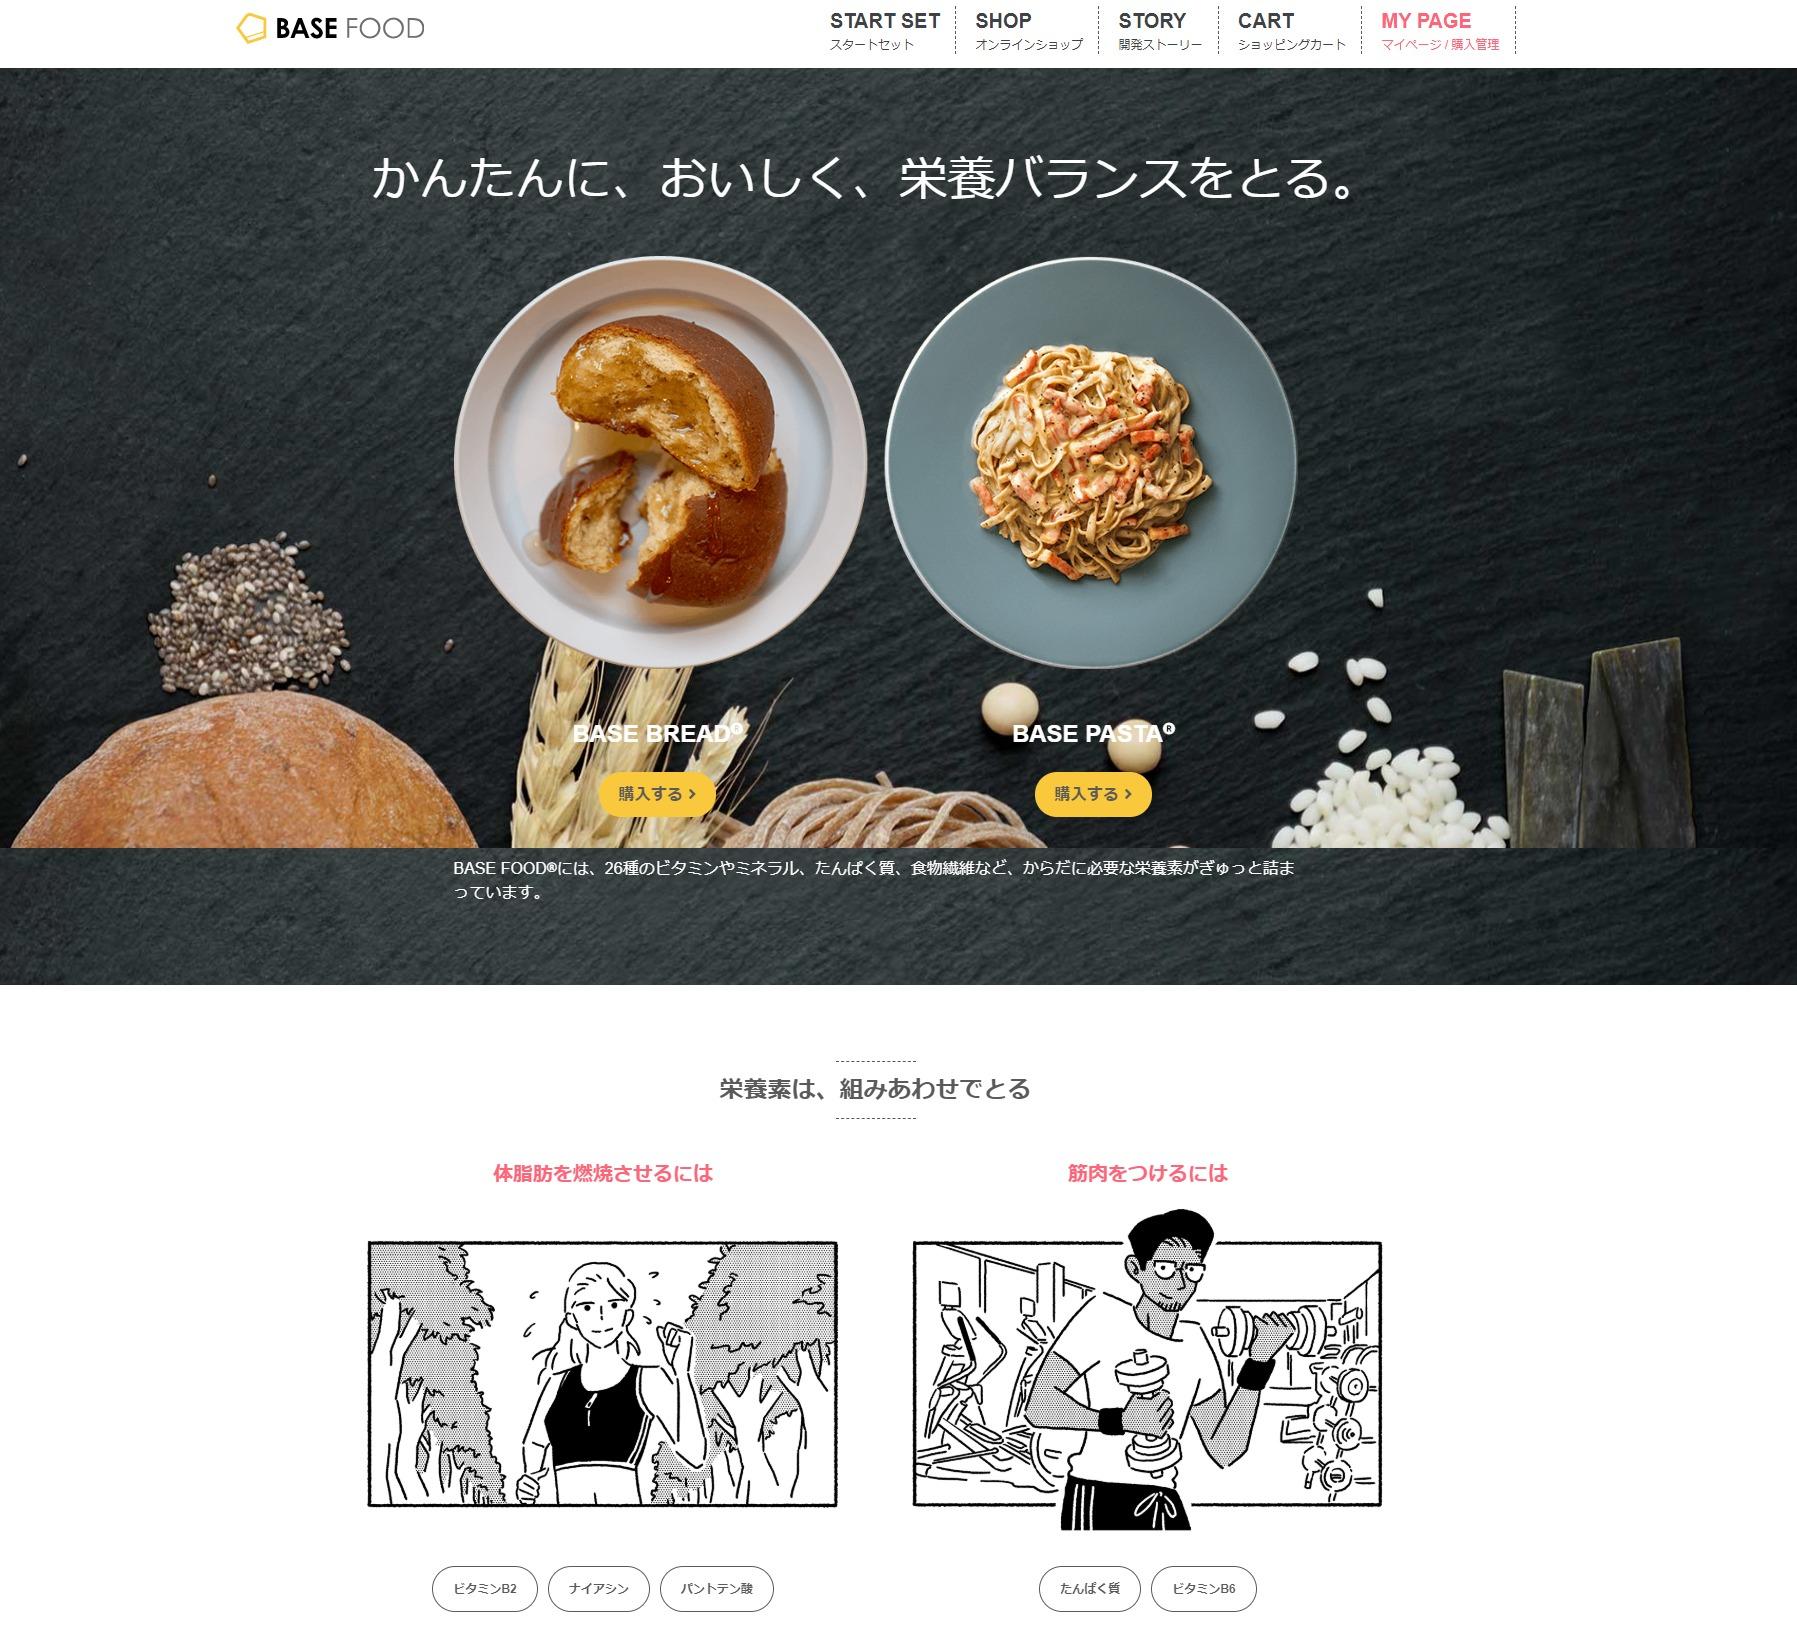 BASE FOOD JP